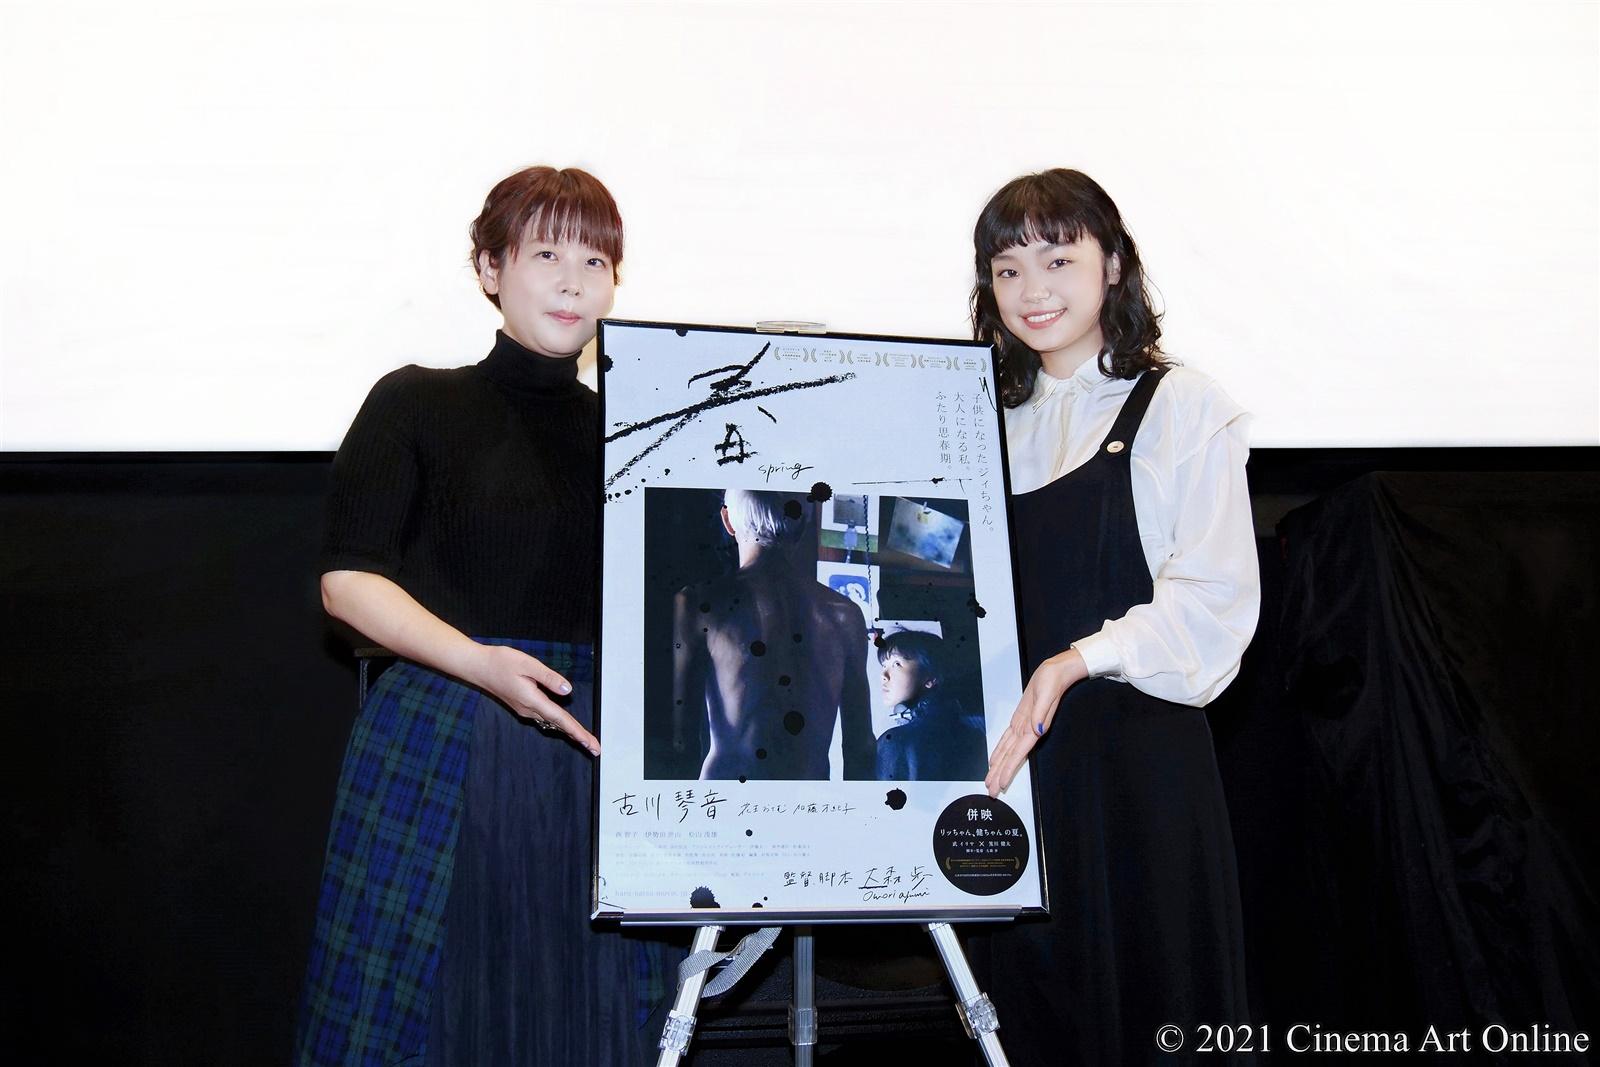 【写真】映画『春』公開記念舞台挨拶 (大森歩監督、古川琴音)